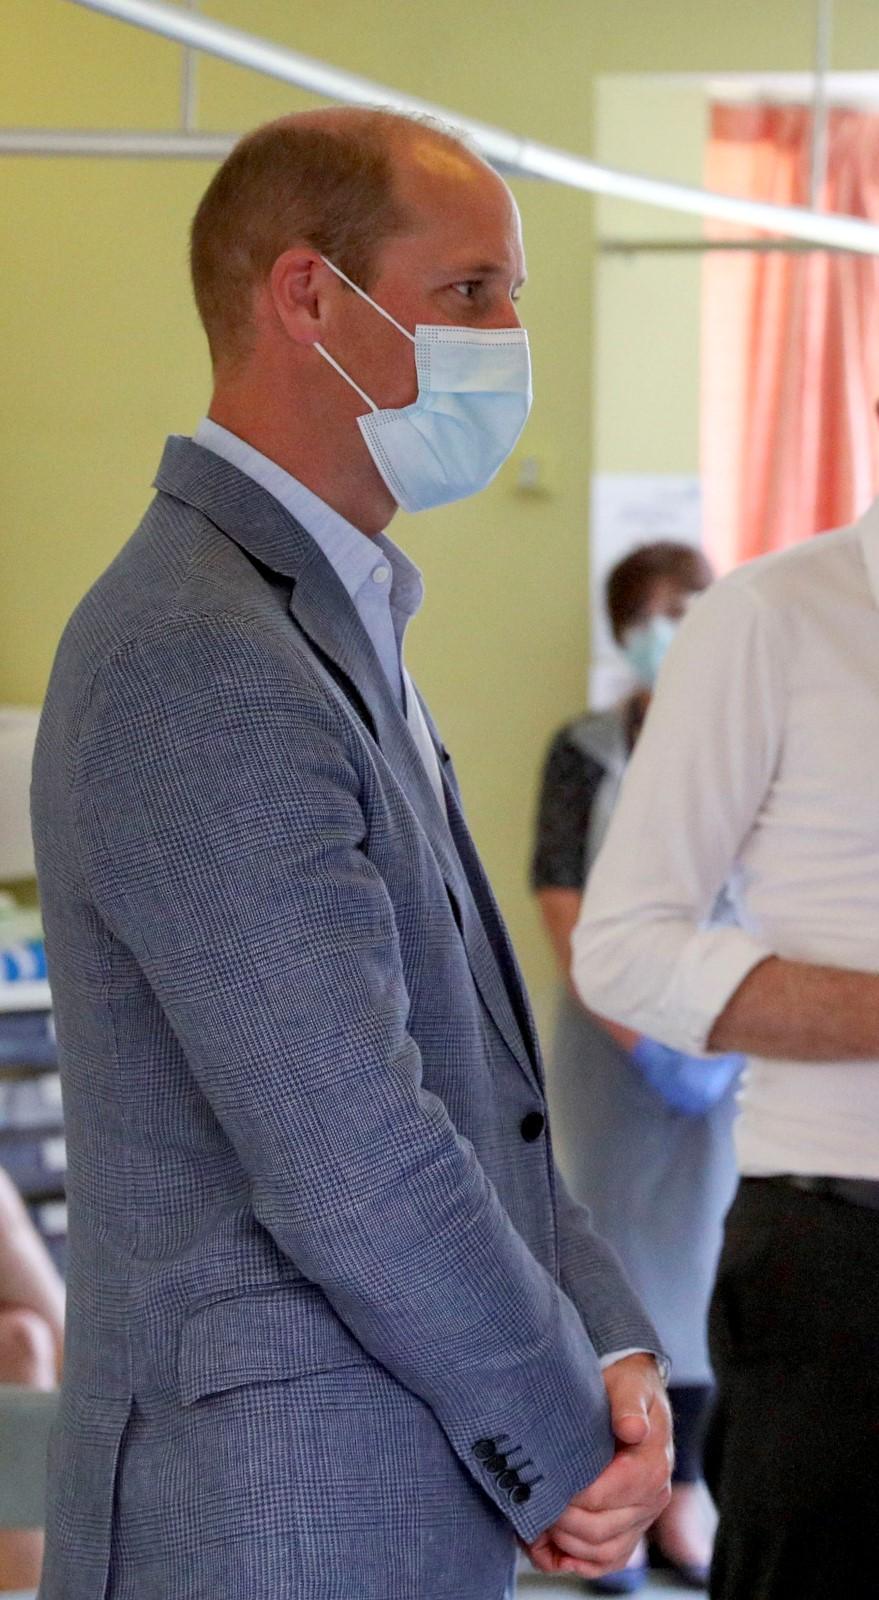 Princ William navštívil laboratoře, kde se vyrábí vakcína proti koronaviru (25. 6. 2020)